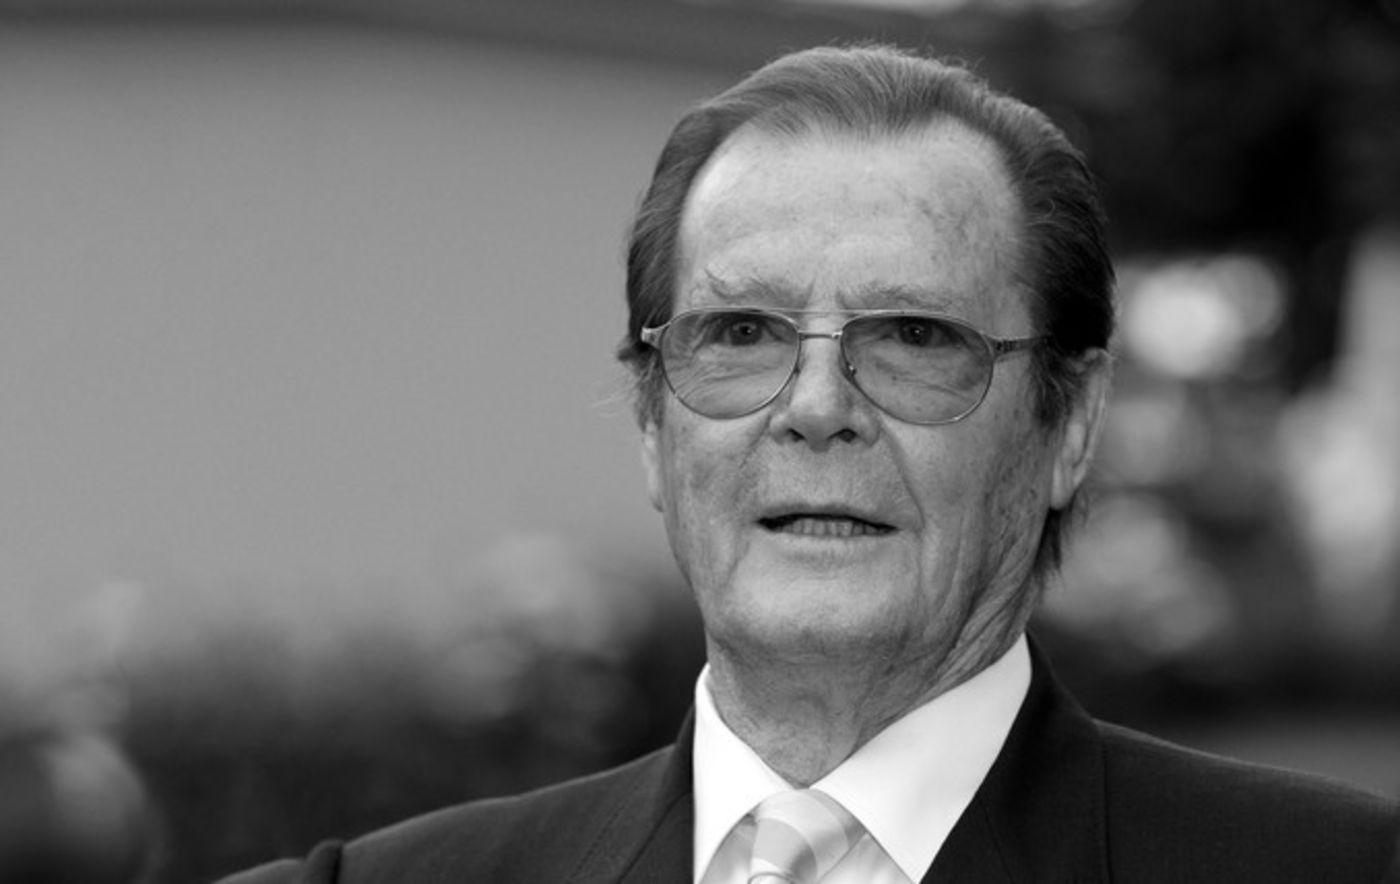 James Bond Kultfigur Roger Moore Im Alter Von 89 Jahren Gestorben